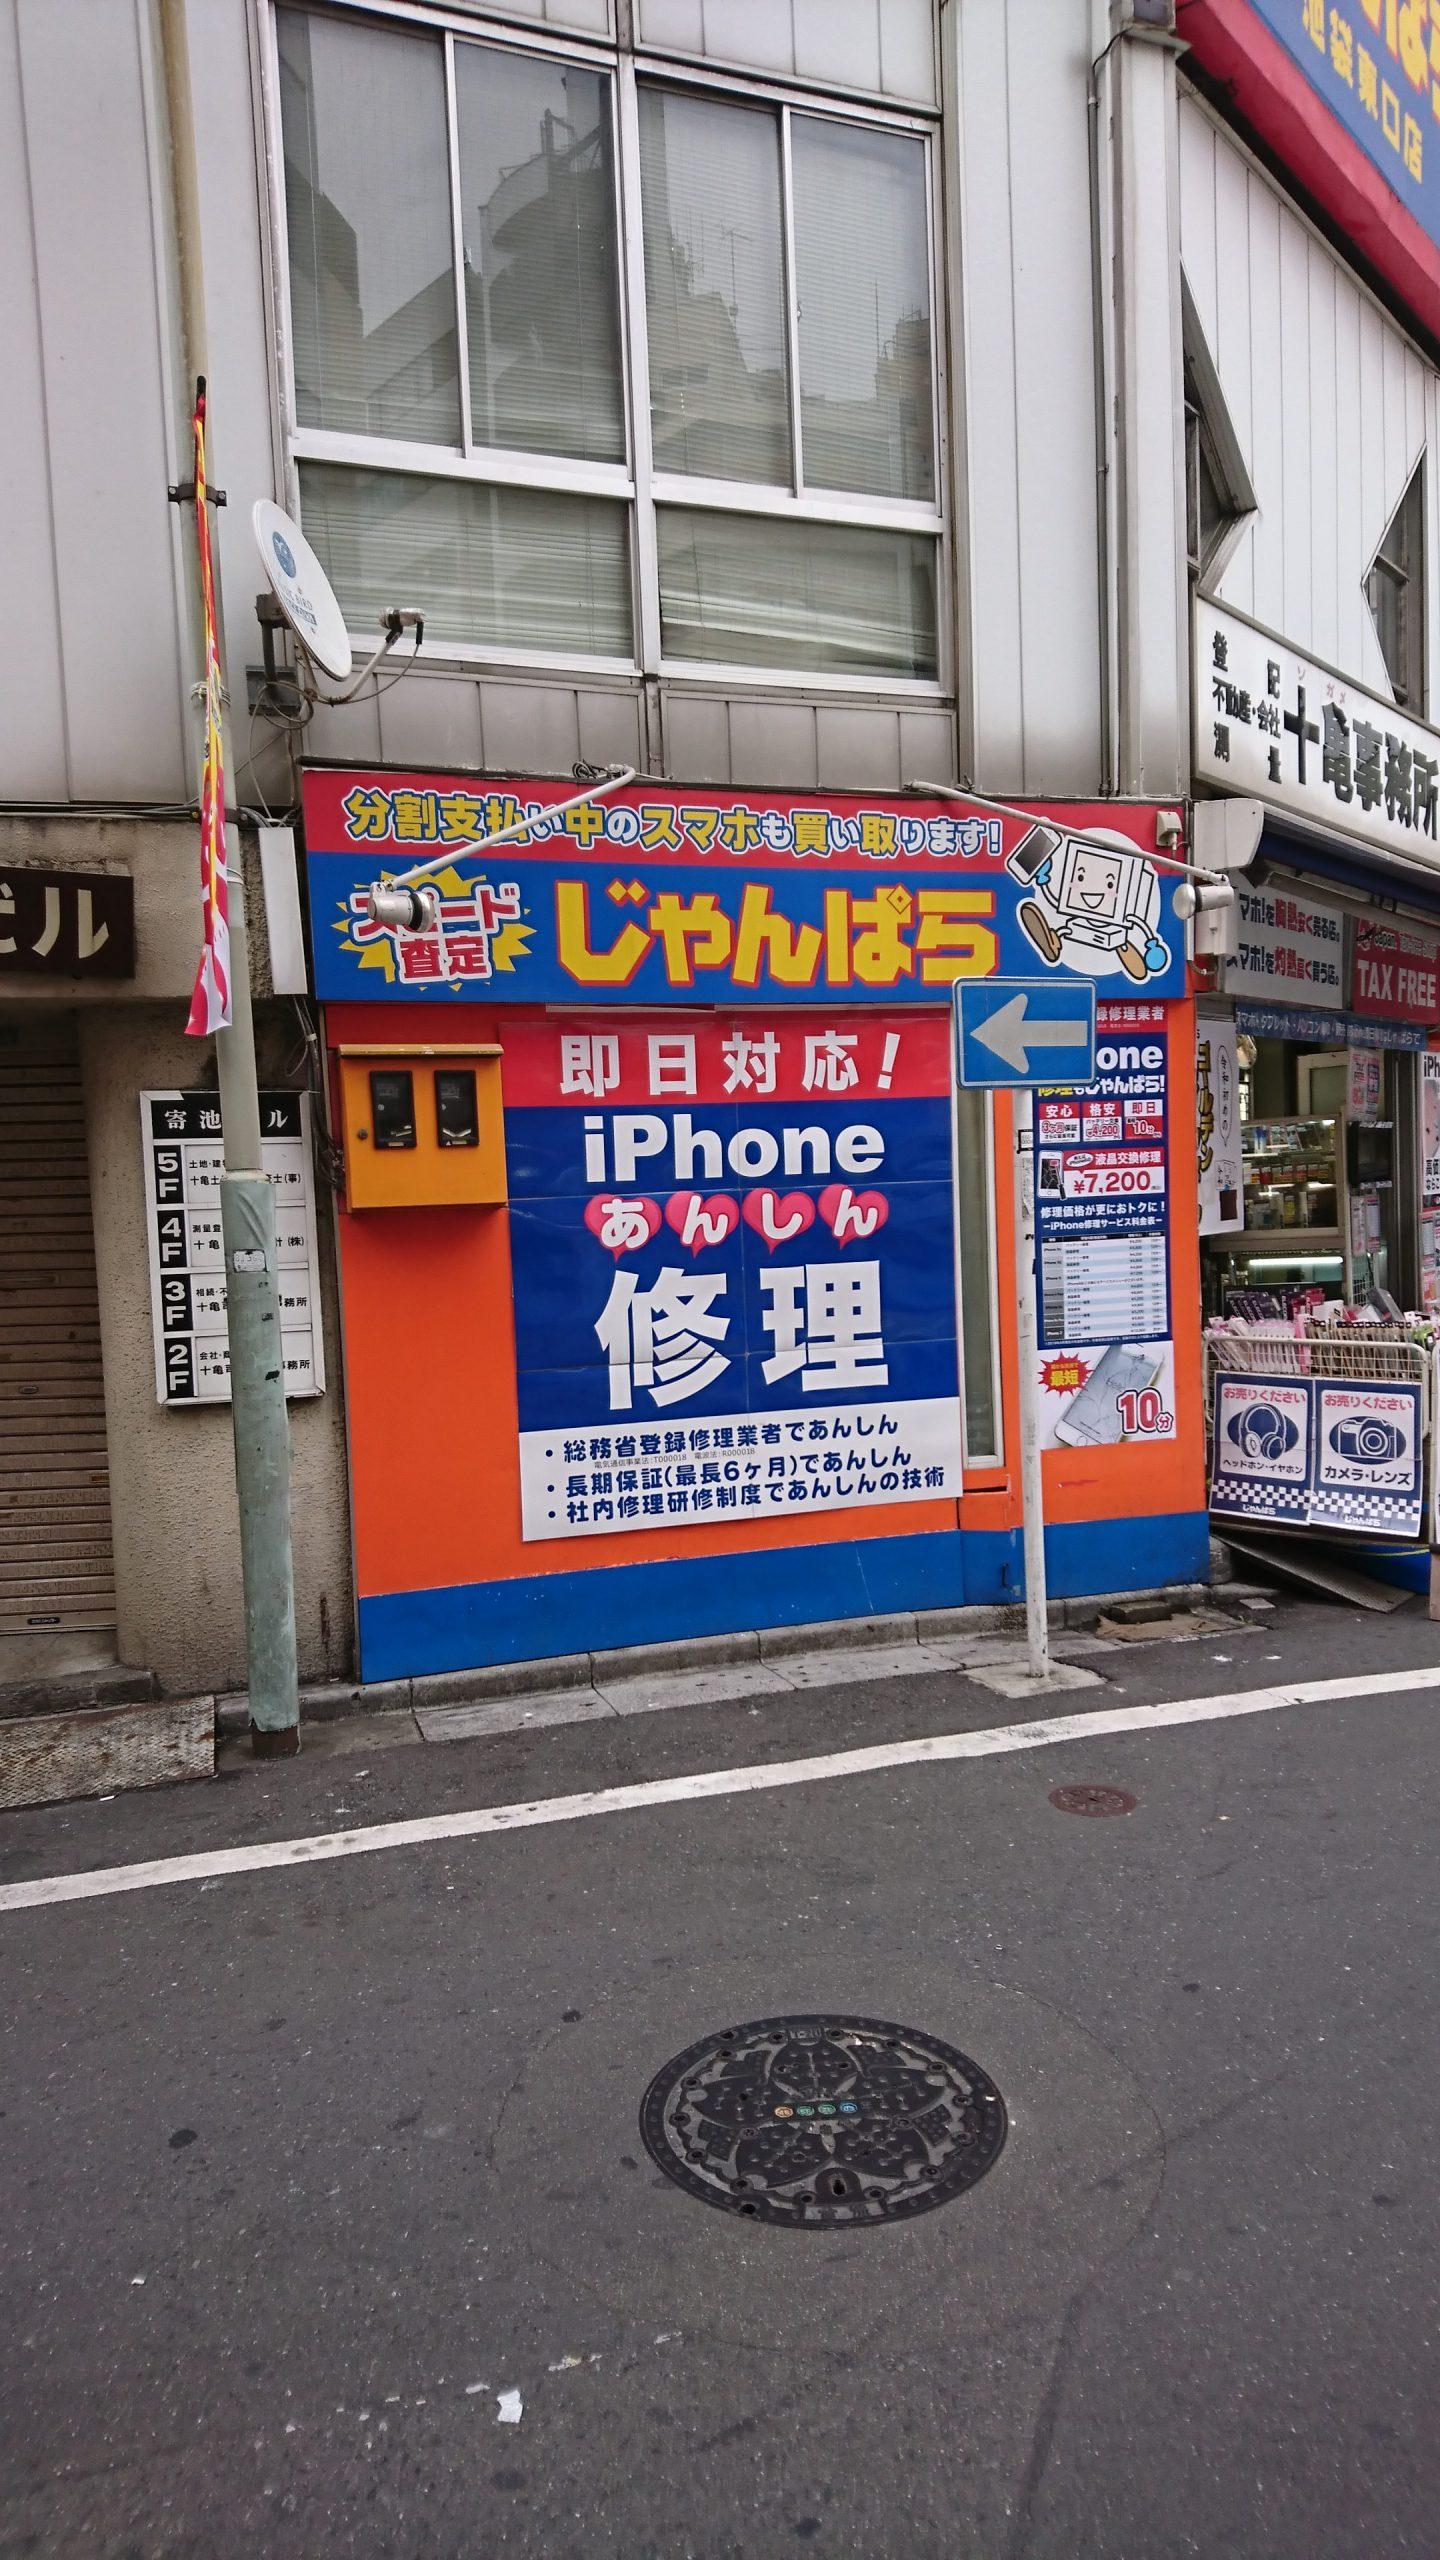 池袋iPhone買取口コミ・評判【2019オススメ】